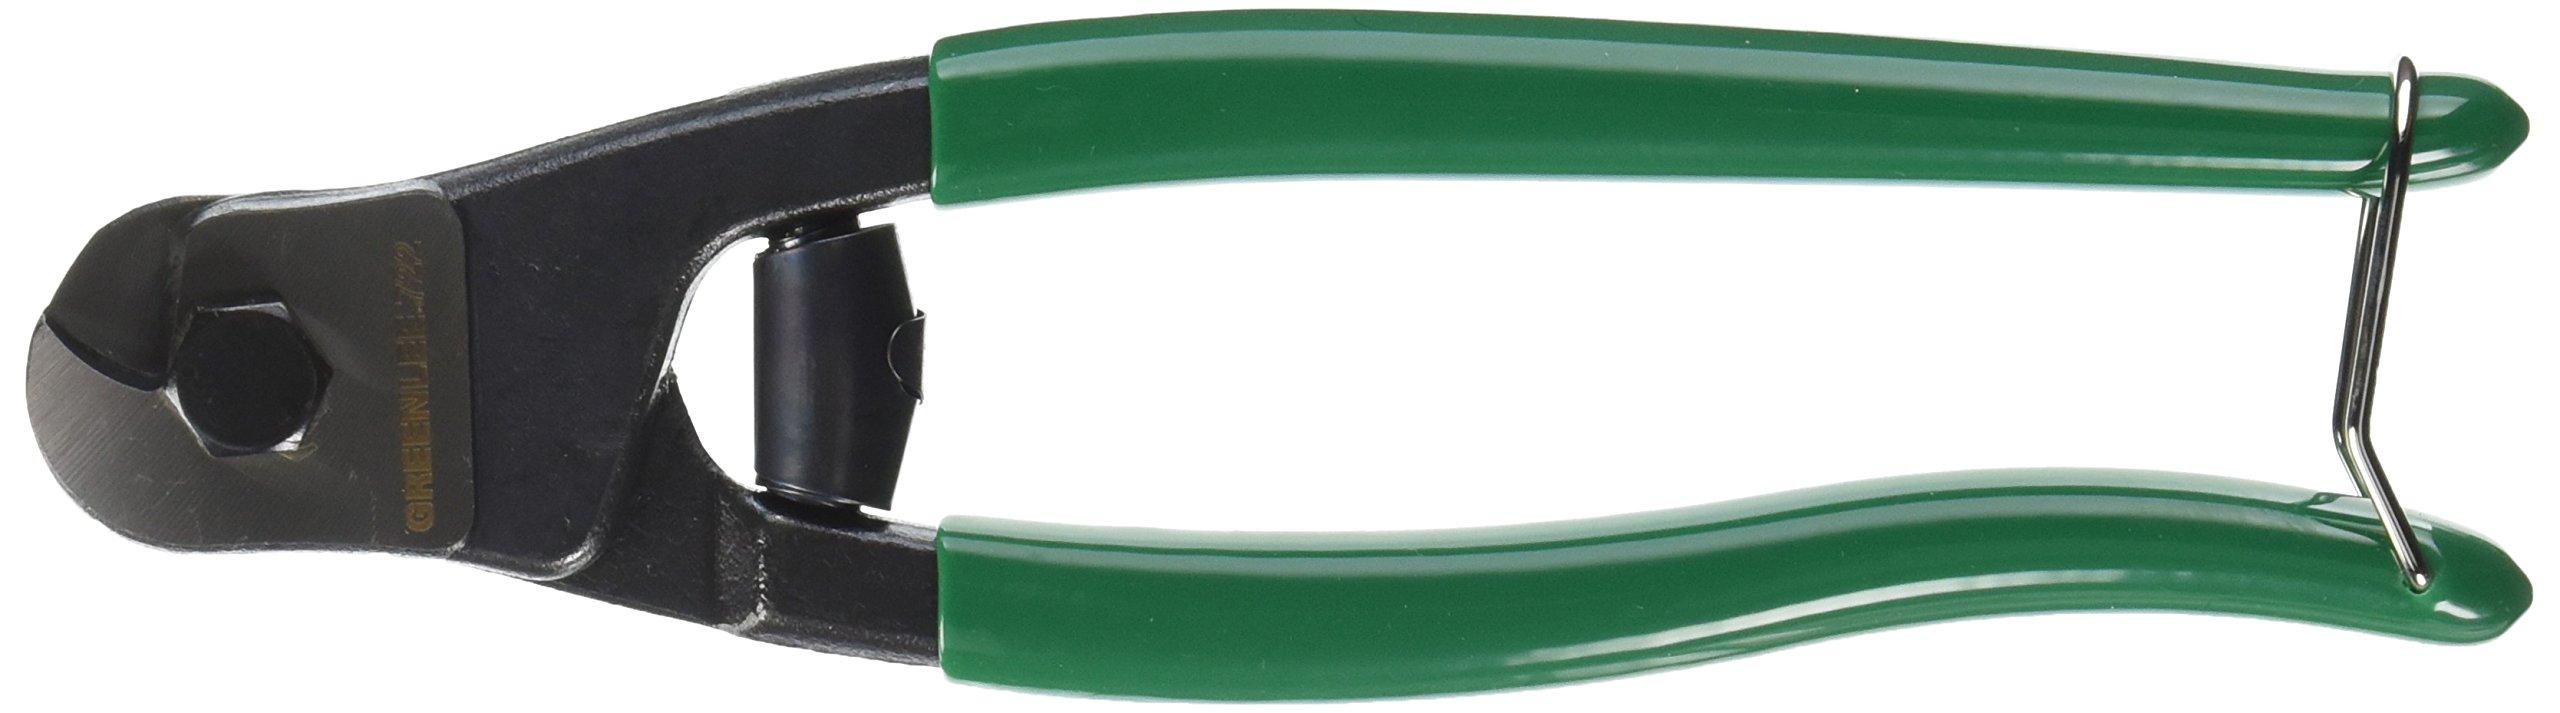 Greenlee 722 Wire Rope & Wire Cutter by Greenlee